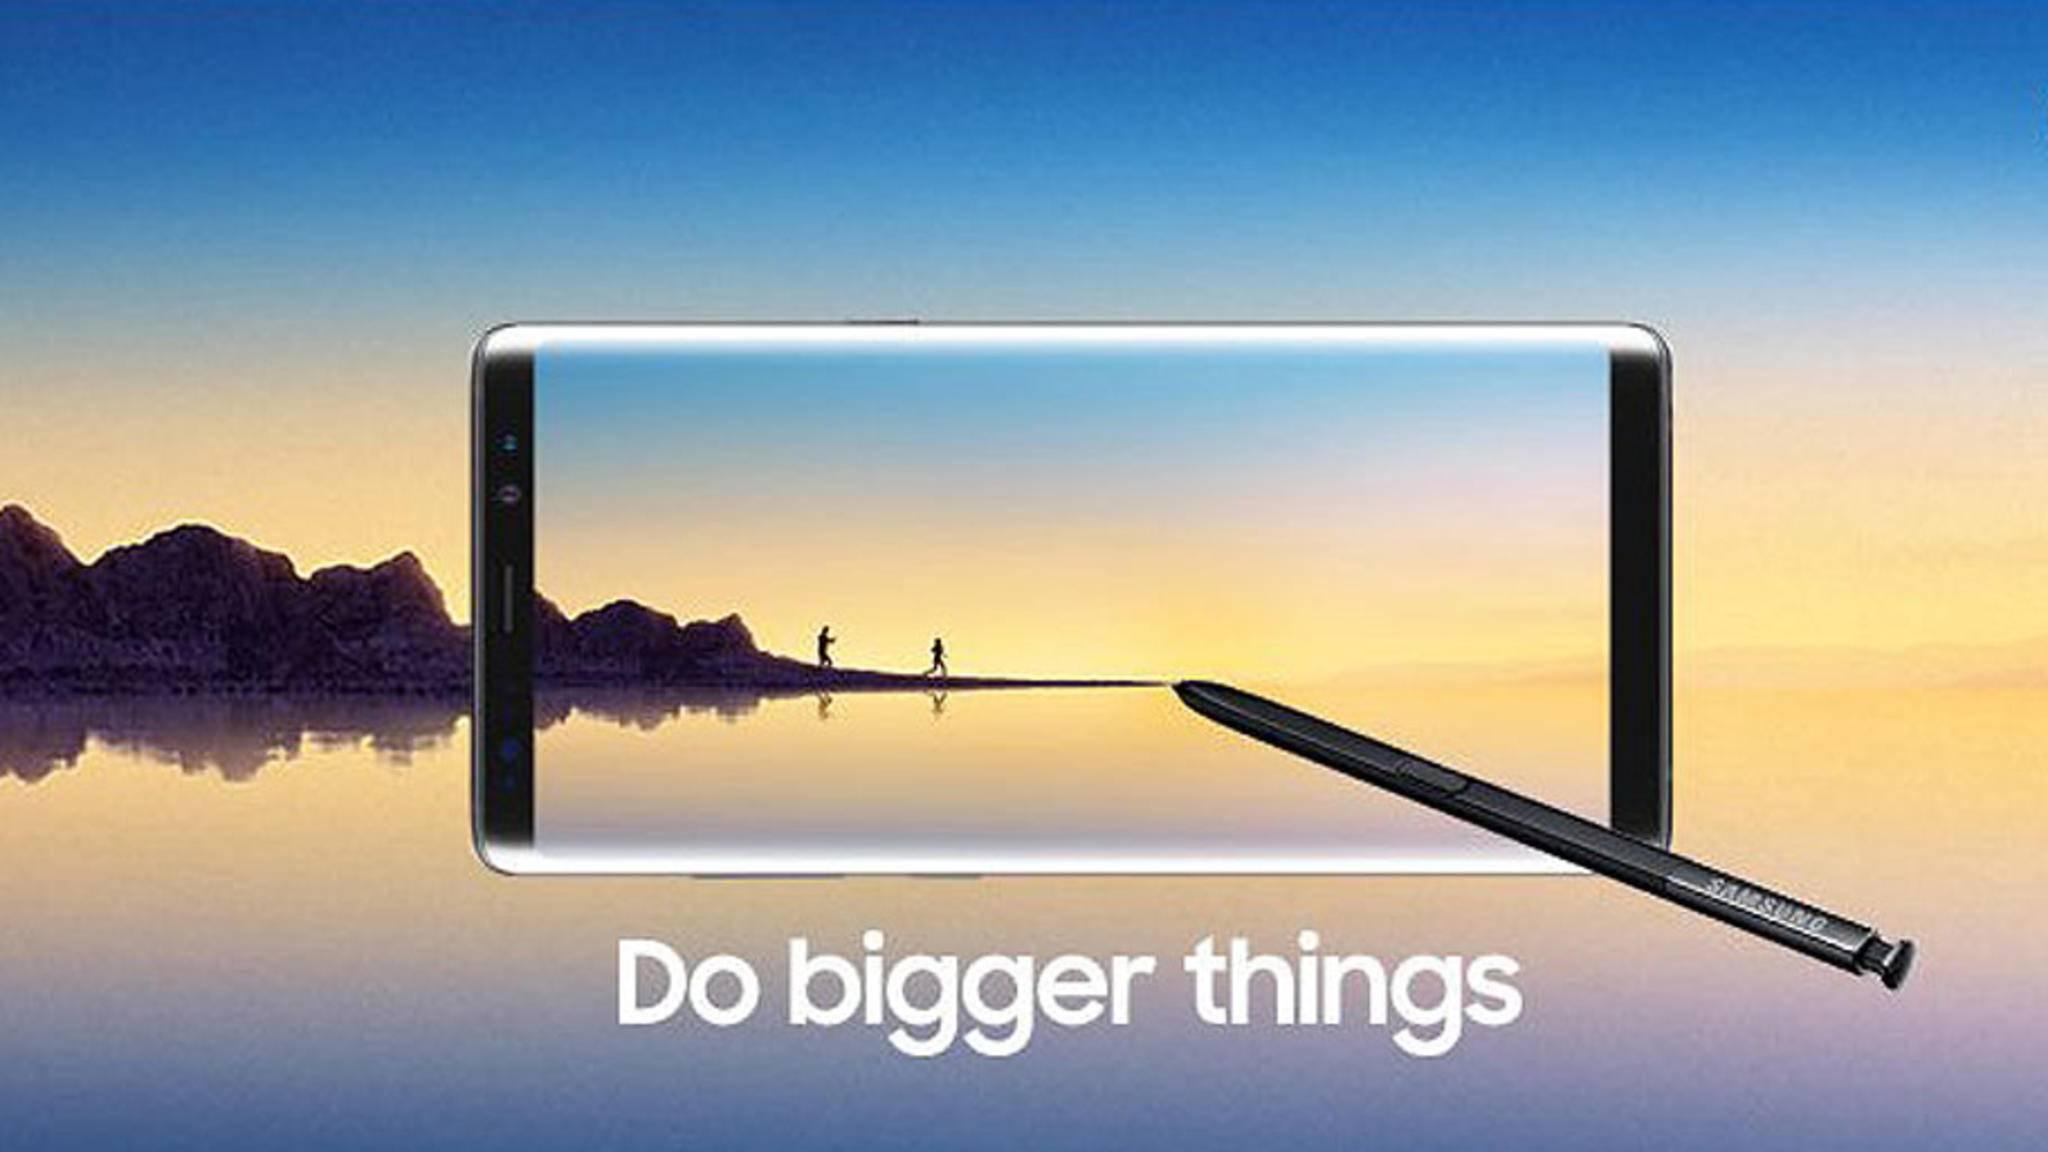 Ab dem 15. September soll es das Galaxy Note 8 angeblich zu kaufen geben.